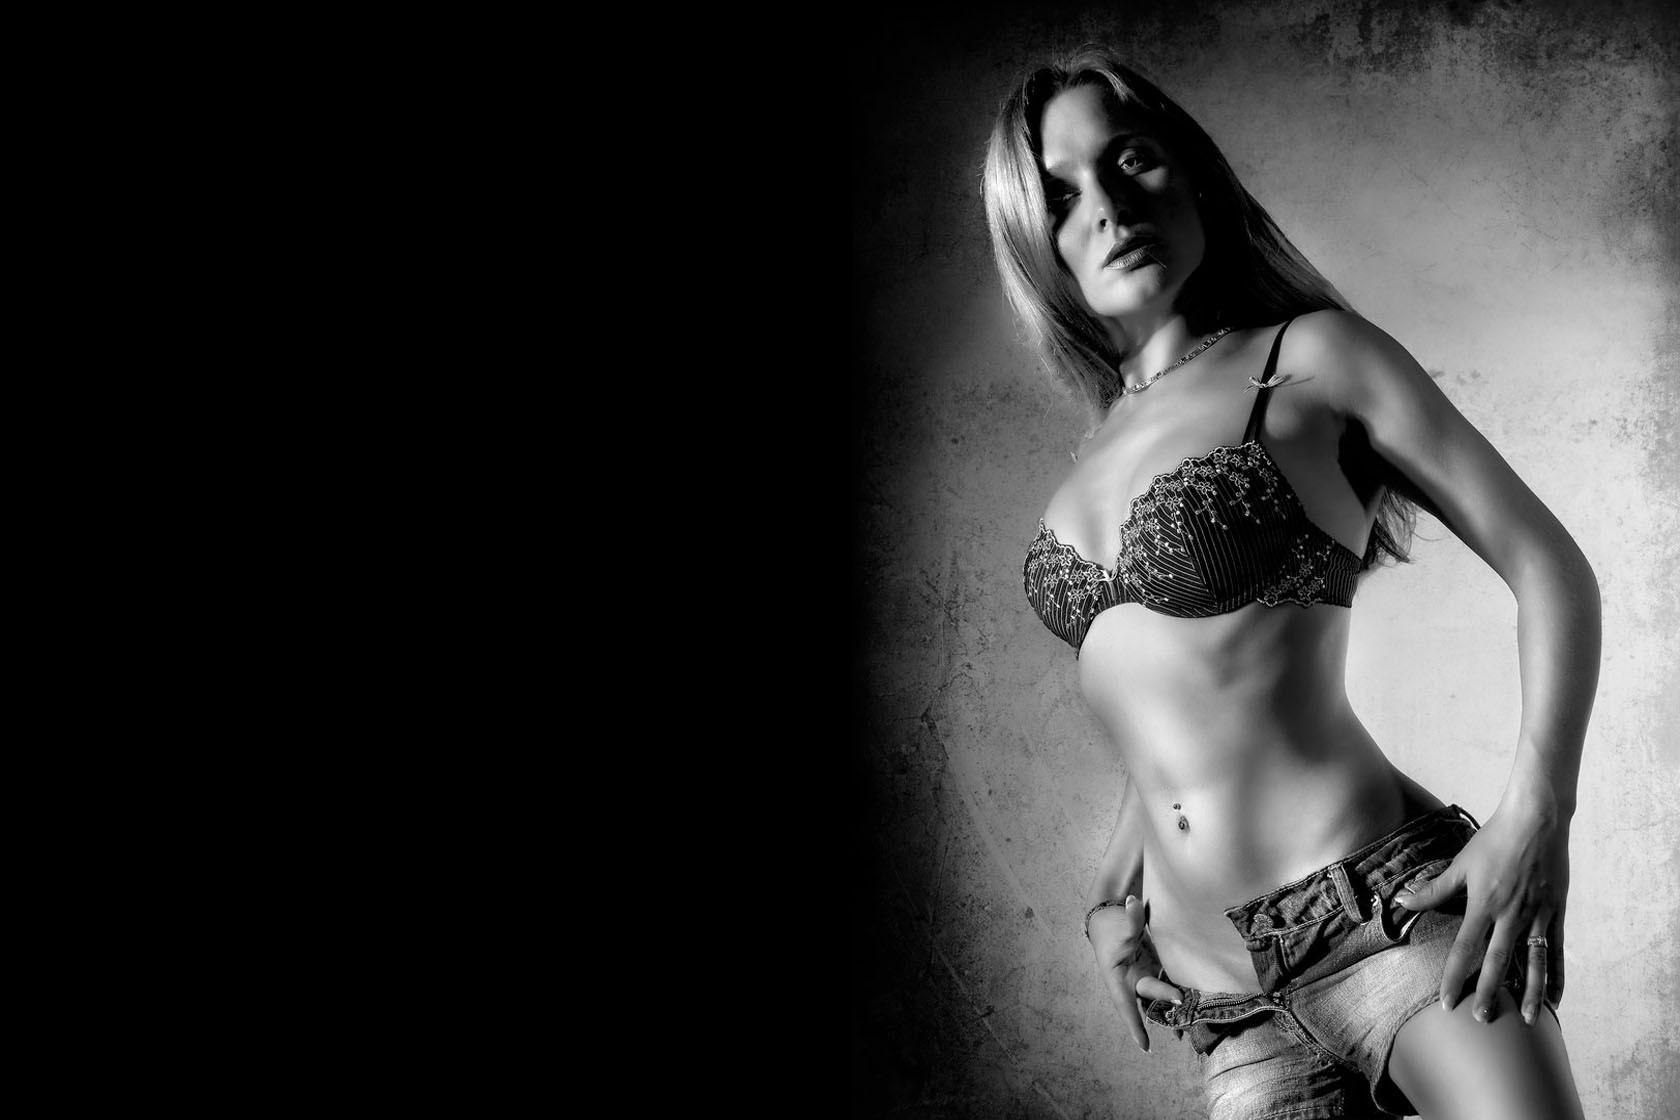 Adrienne bailon breast